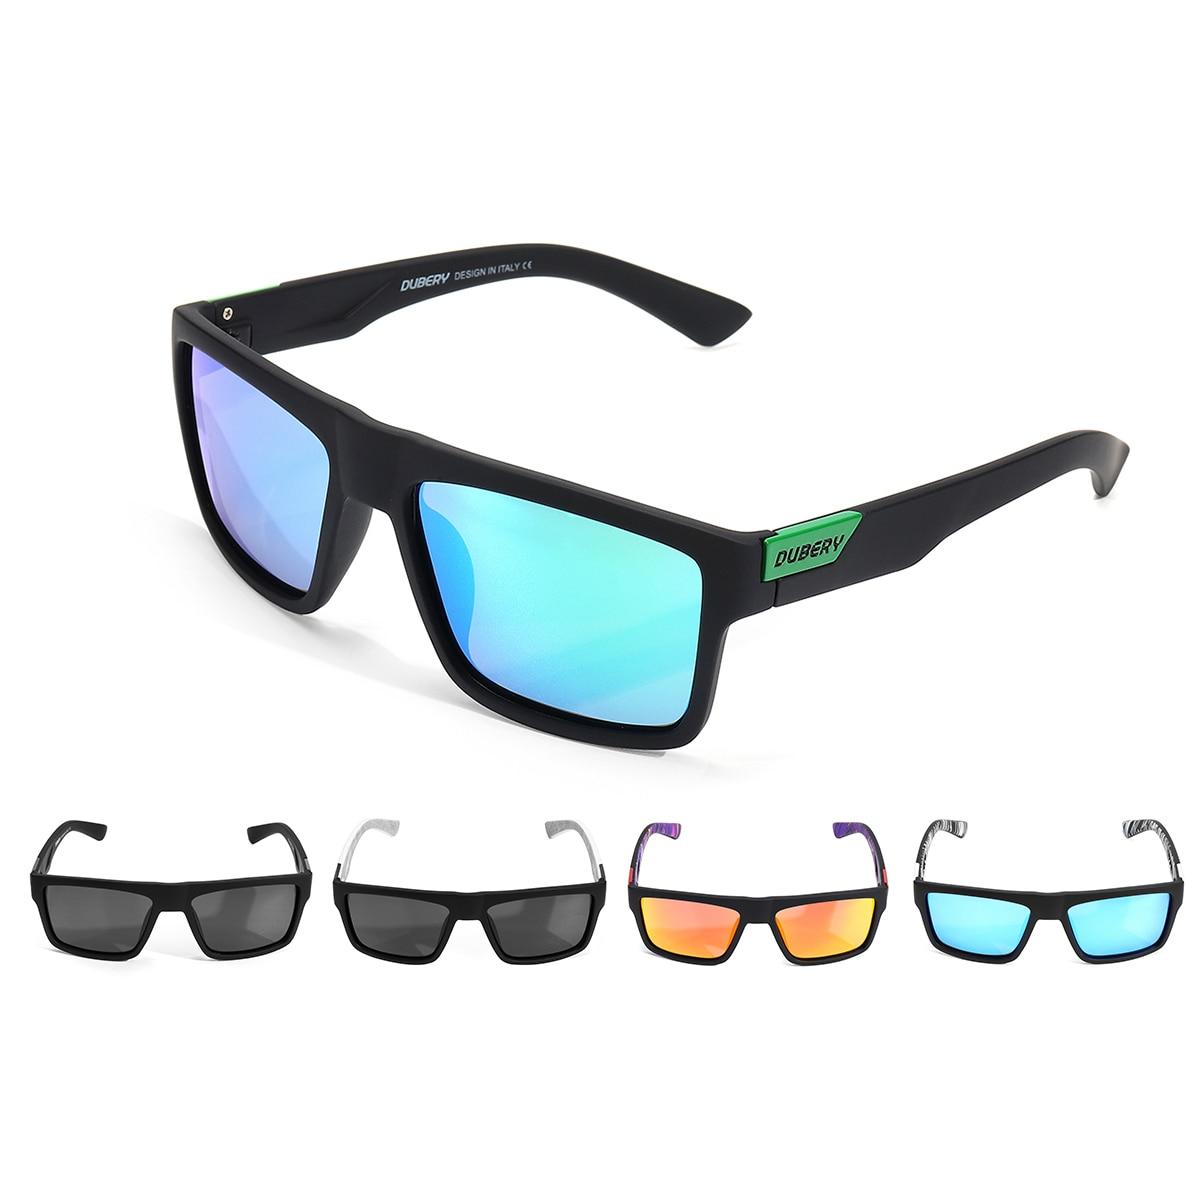 85545a0008 -Con lentes intensificadas, más sólidos y de calidad -Antideslumbrante;  todo coincide; para conducir, pescar, viajar, ciclismo y ropa diaria.